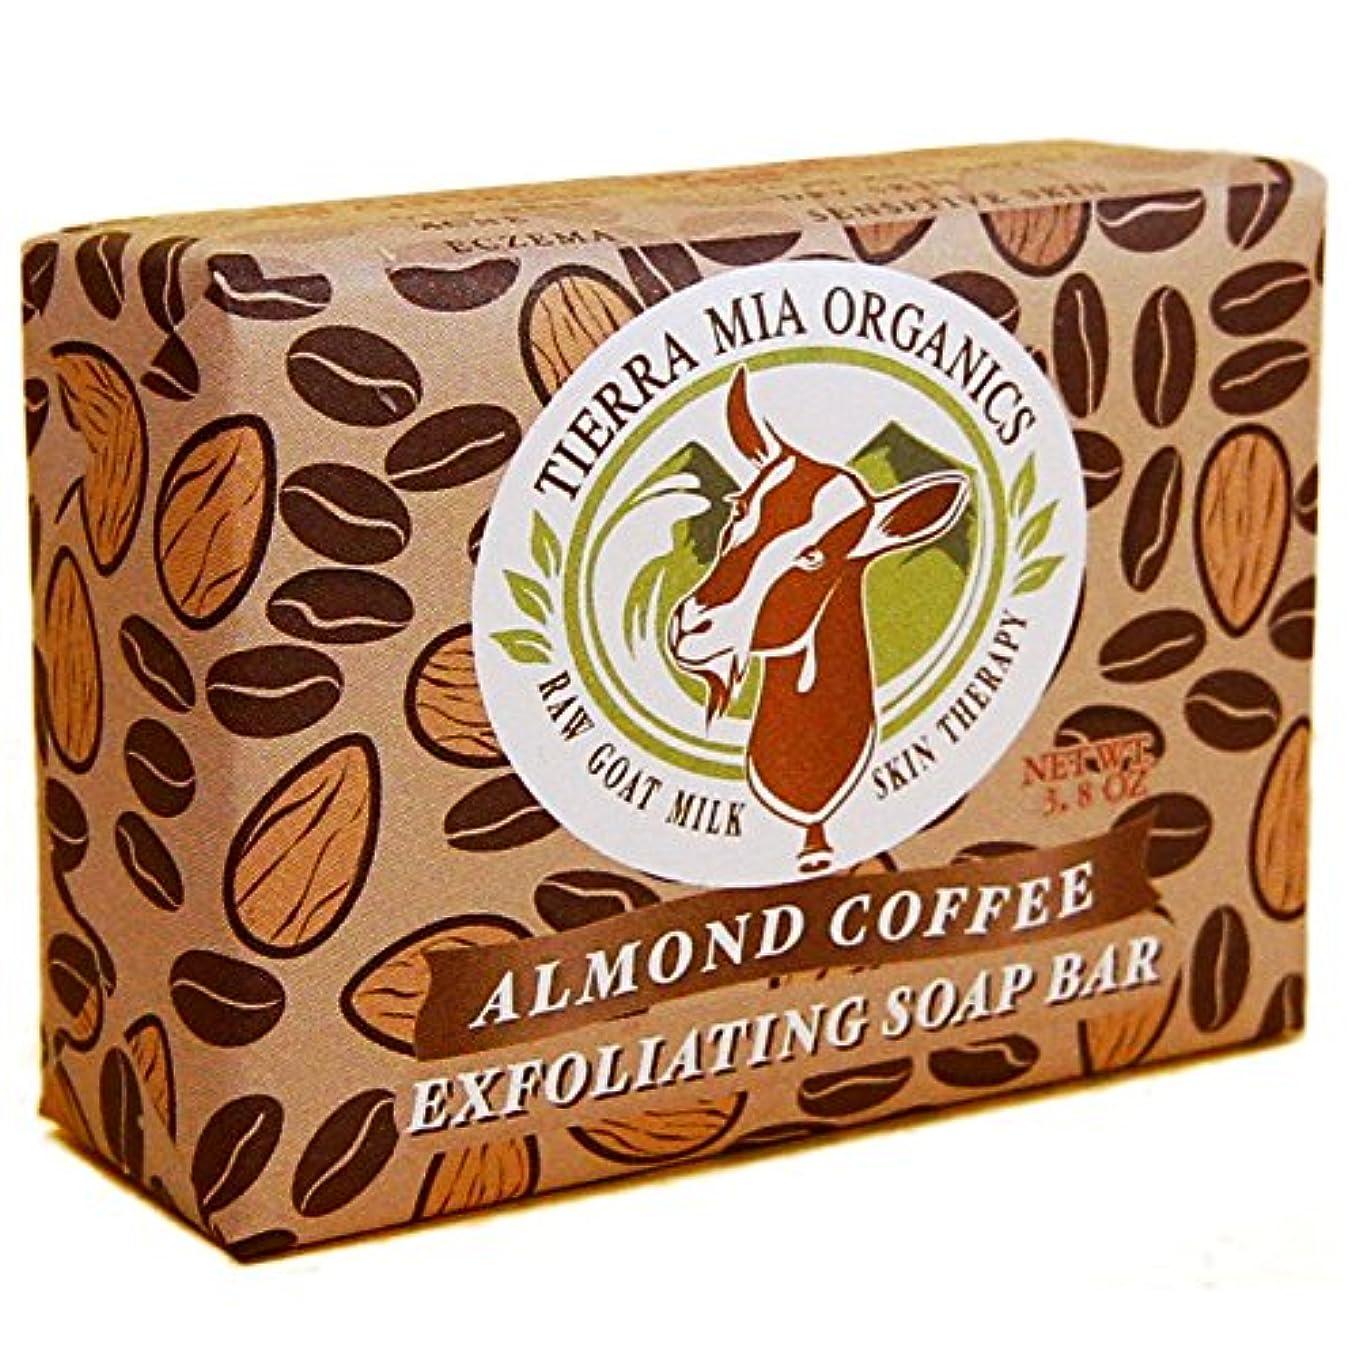 おびえた羊スロープTierra Mia Organics, Raw Goat Milk Skin Therapy, Exfoliating Soap Bar, Almond Coffee, 3.8 oz